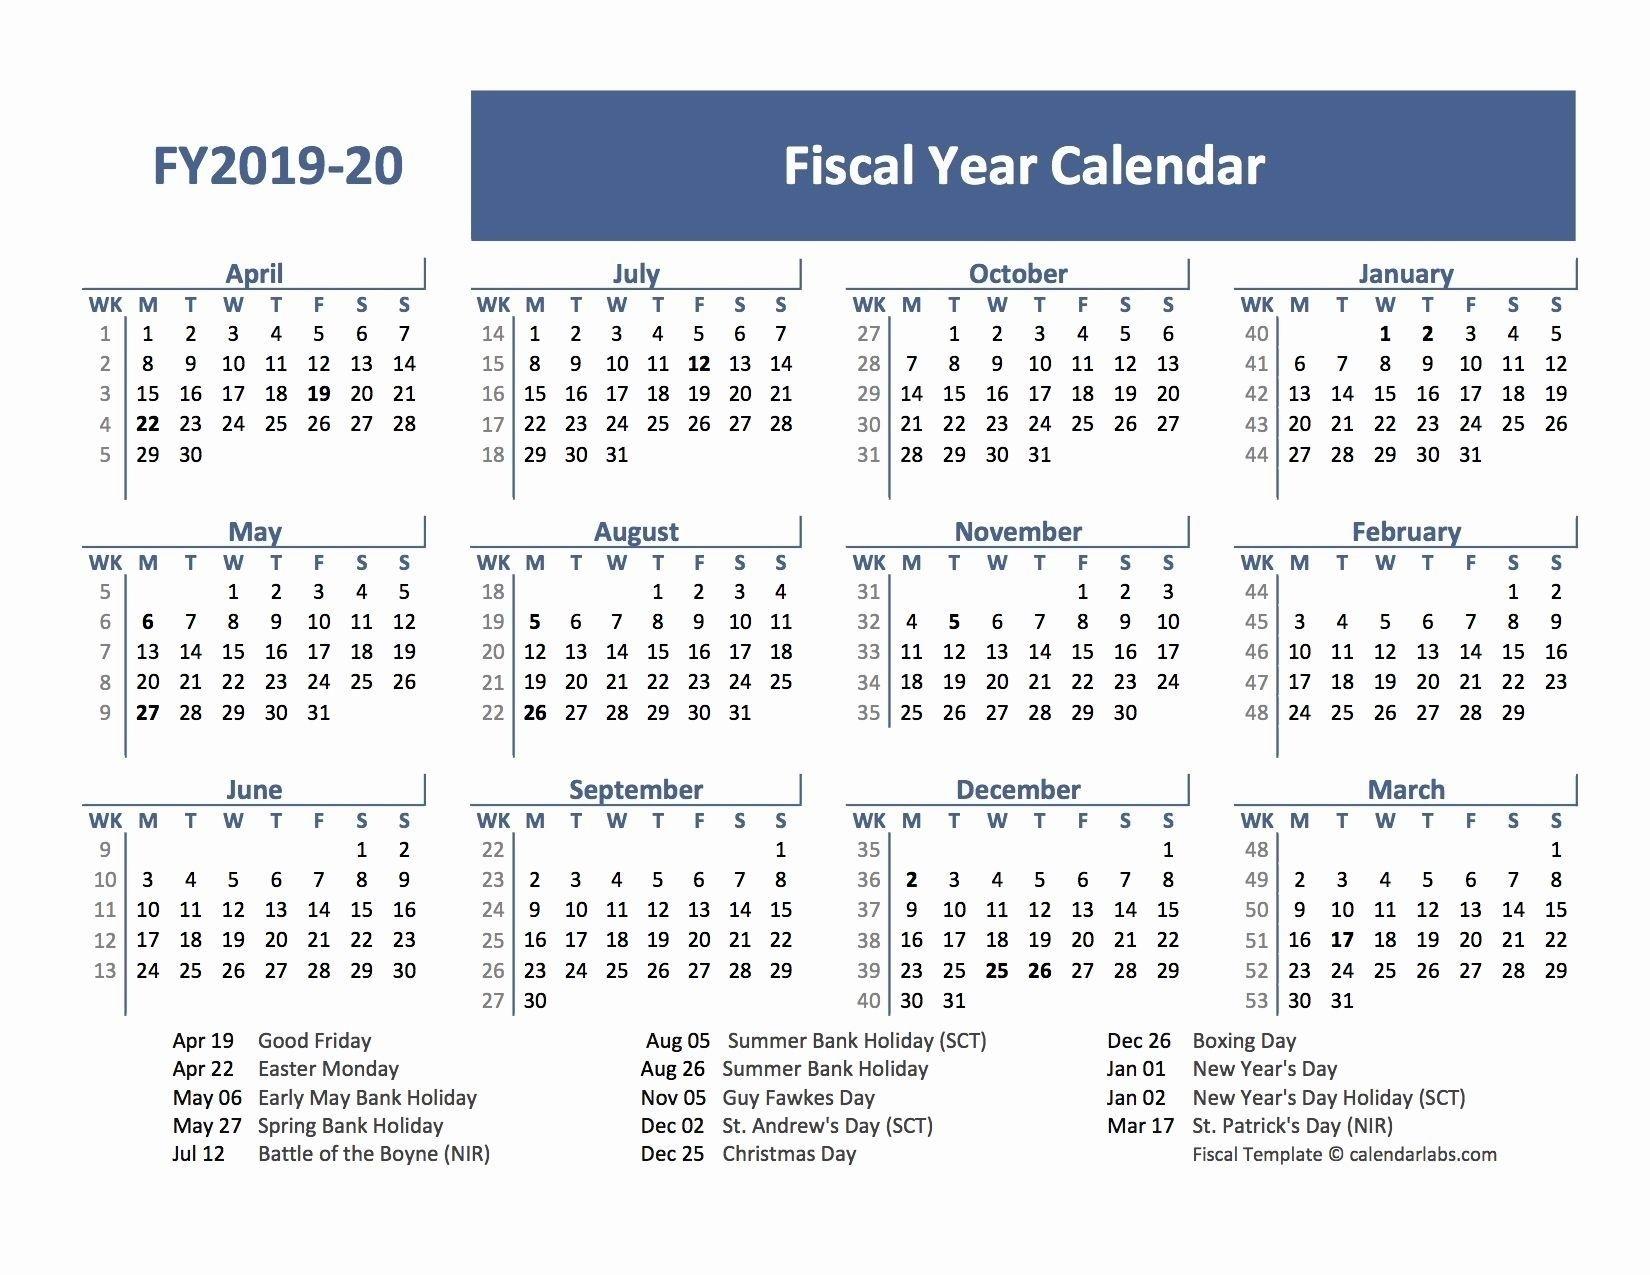 2019 Fiscal Calendar 4 4 5 | Fiscal Calendar, Printable Calendar 4 4 5 Template